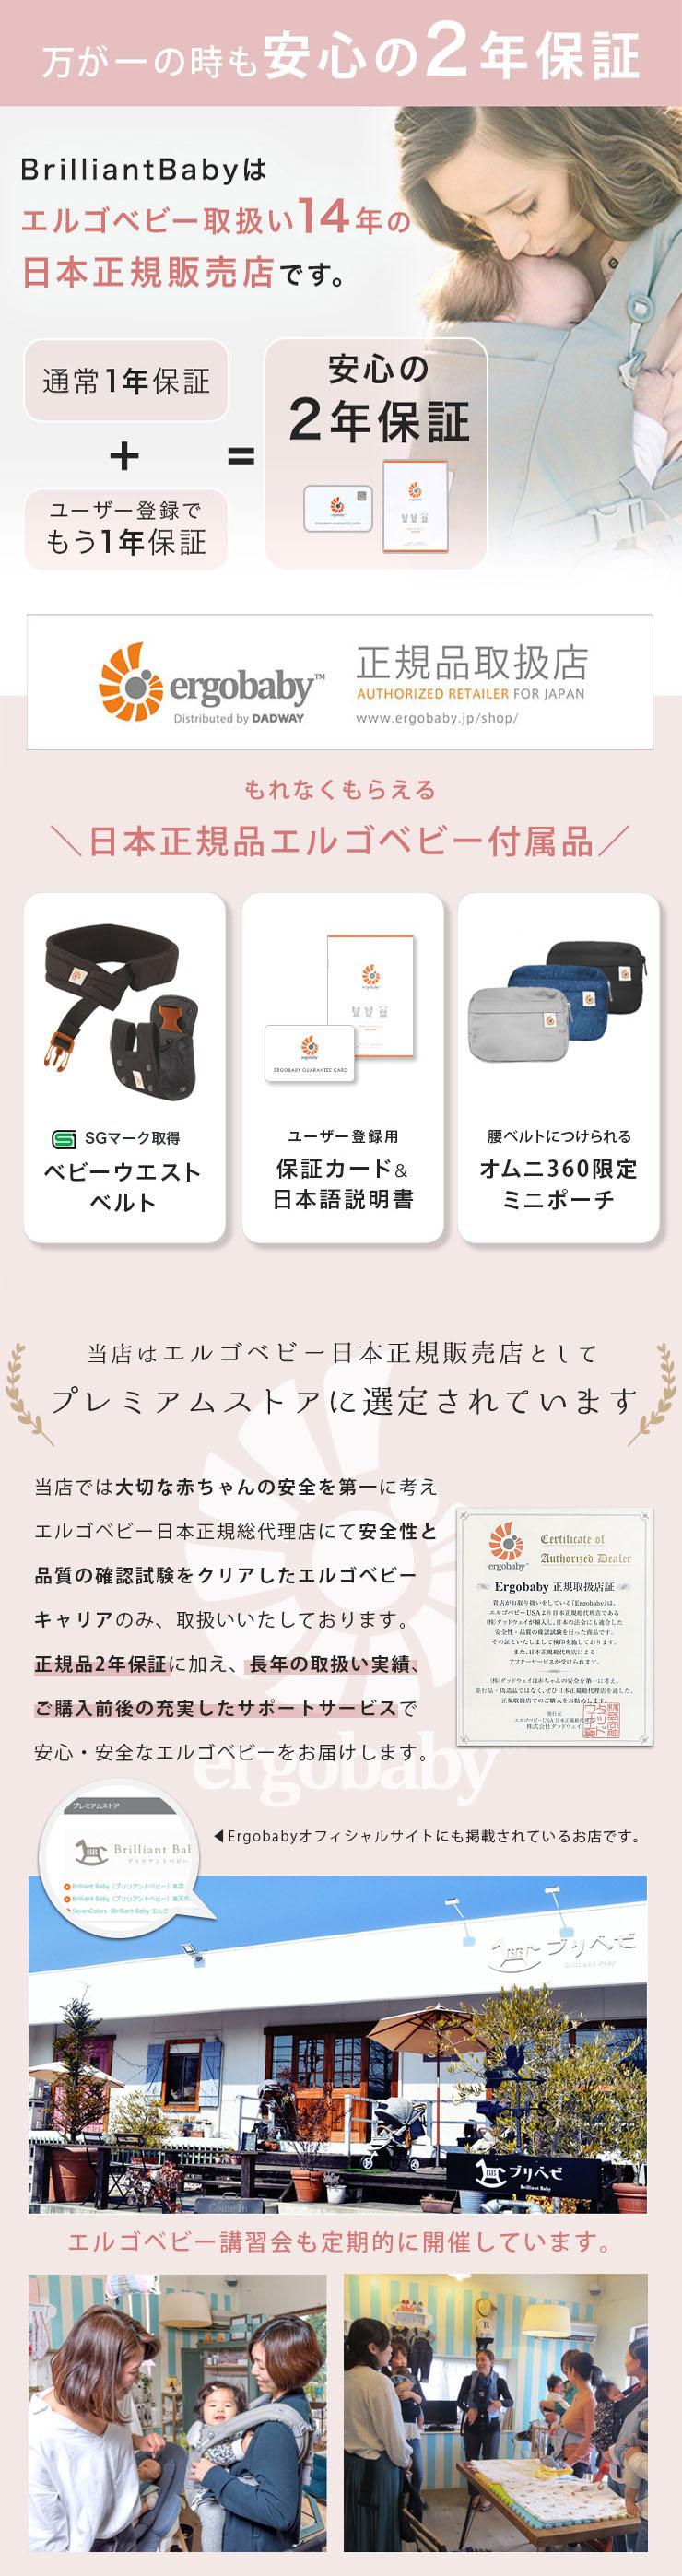 日本正規取扱店 正規品2年保証 プレミアムストア